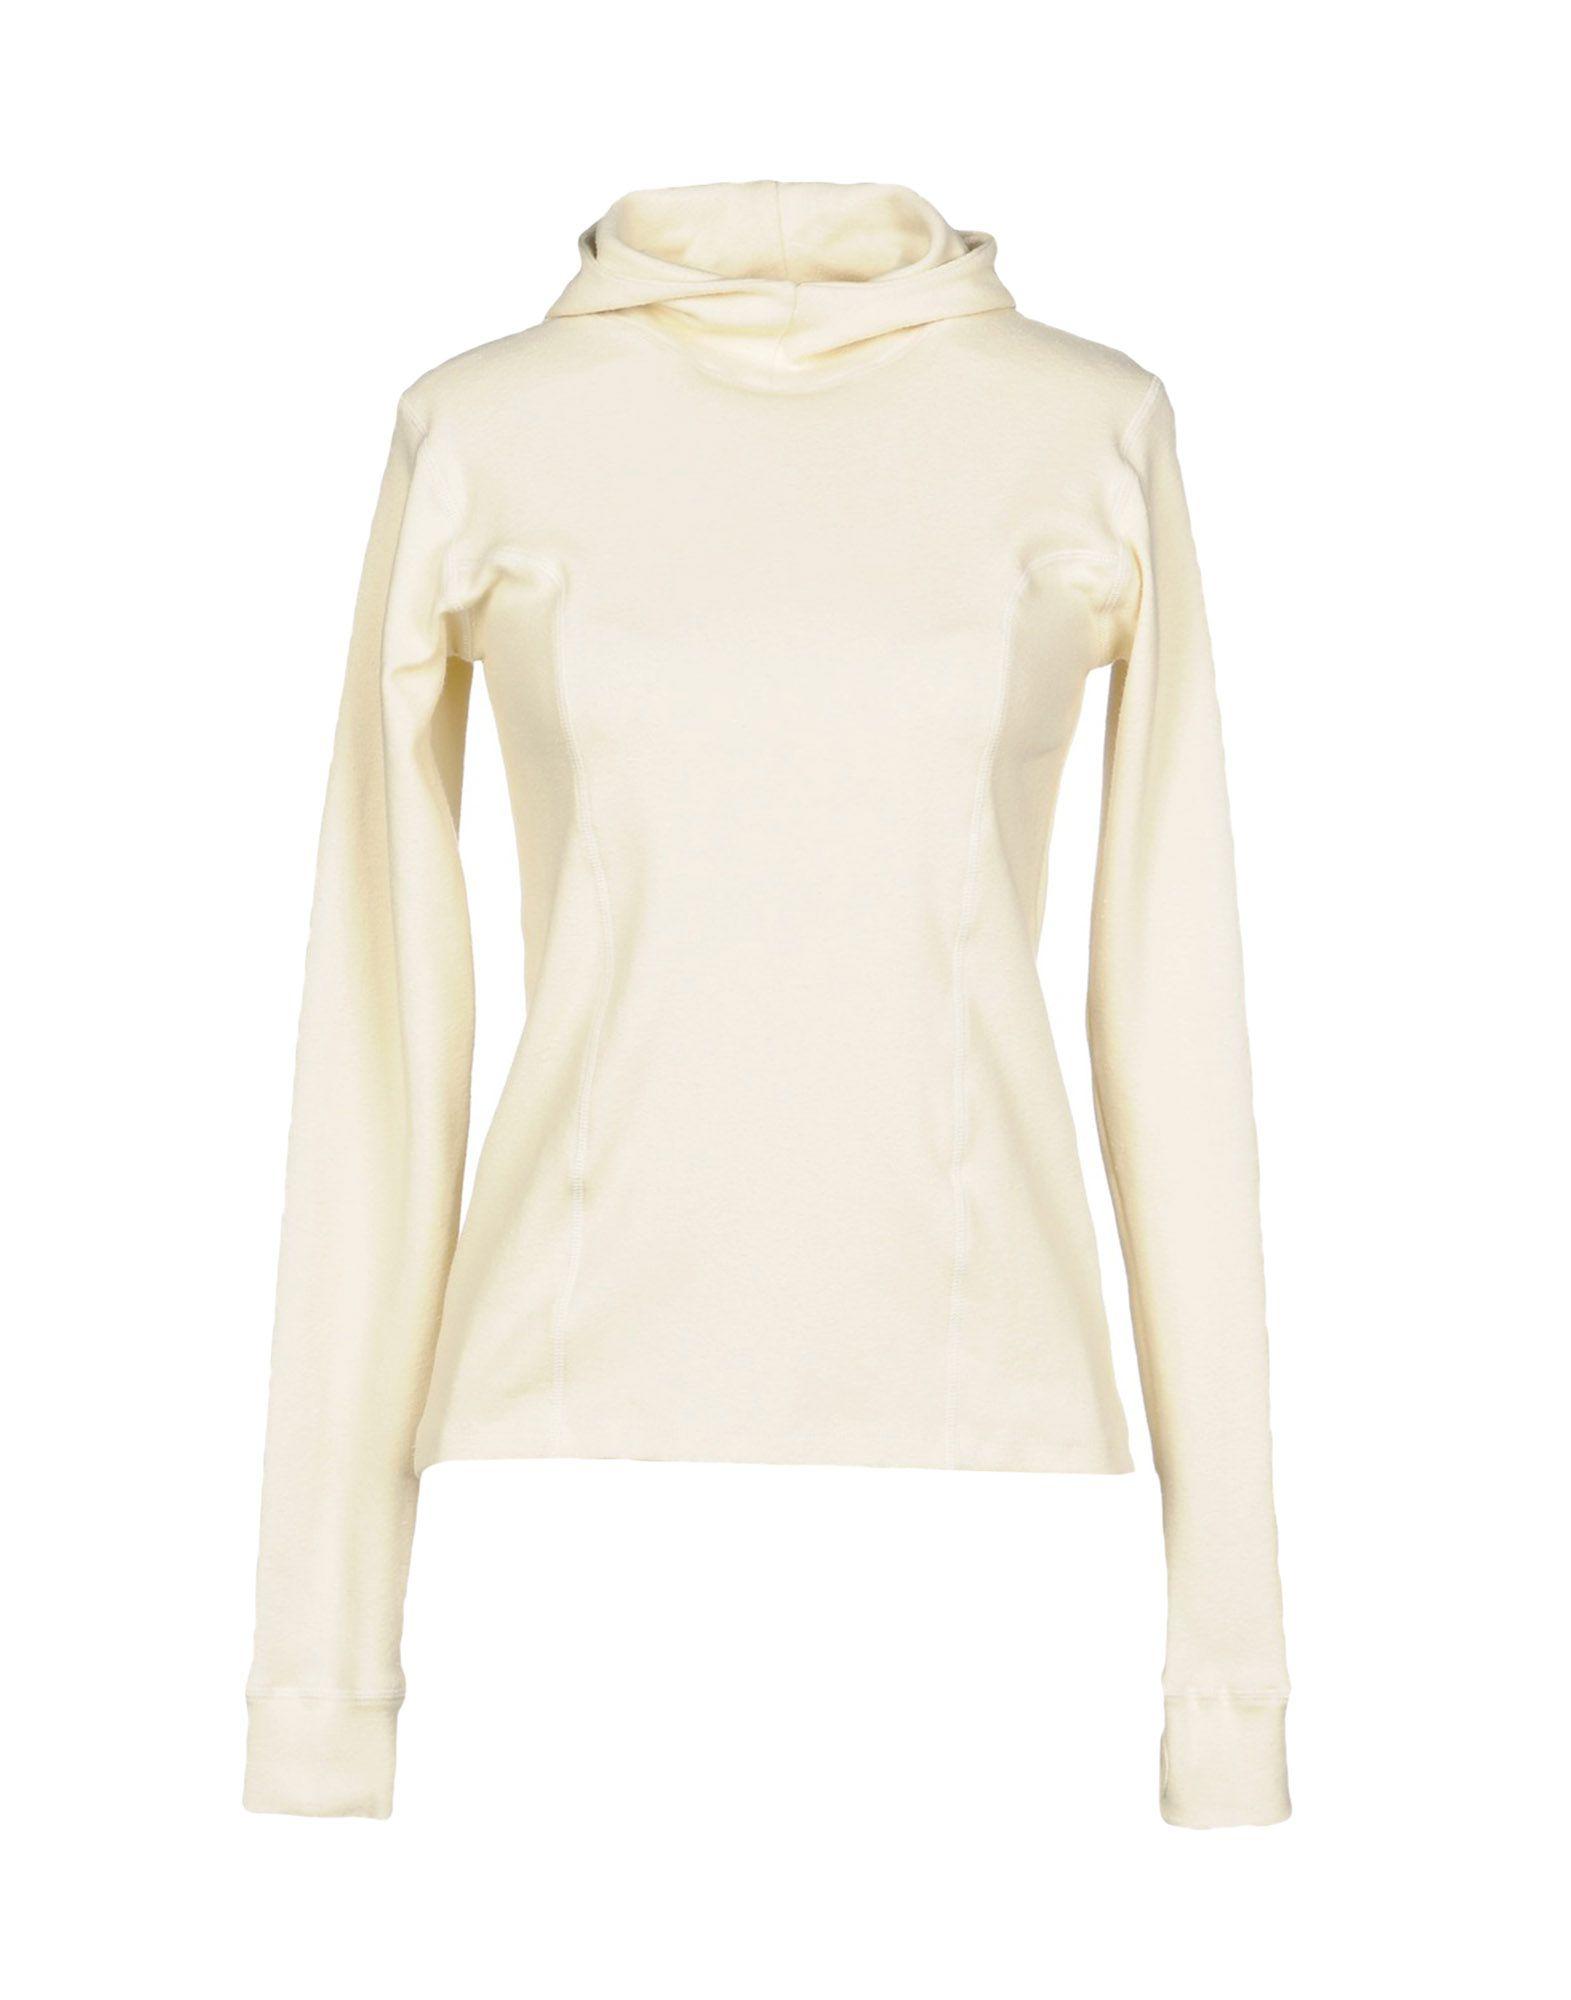 BASERANGE Hooded Sweatshirt in Beige